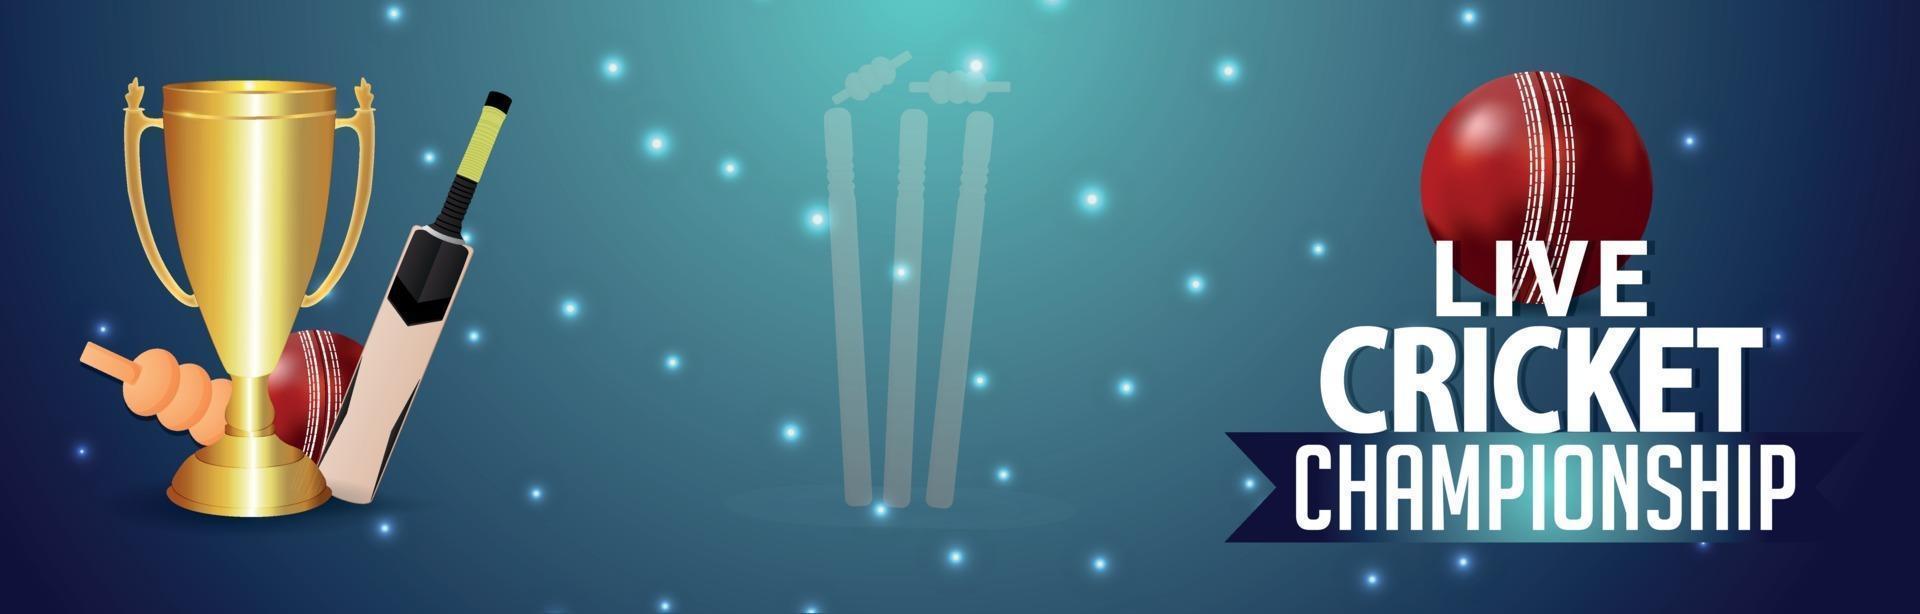 Cricket-Turnier Stadion Hintergrund mit Cricket-Ausrüstung vektor